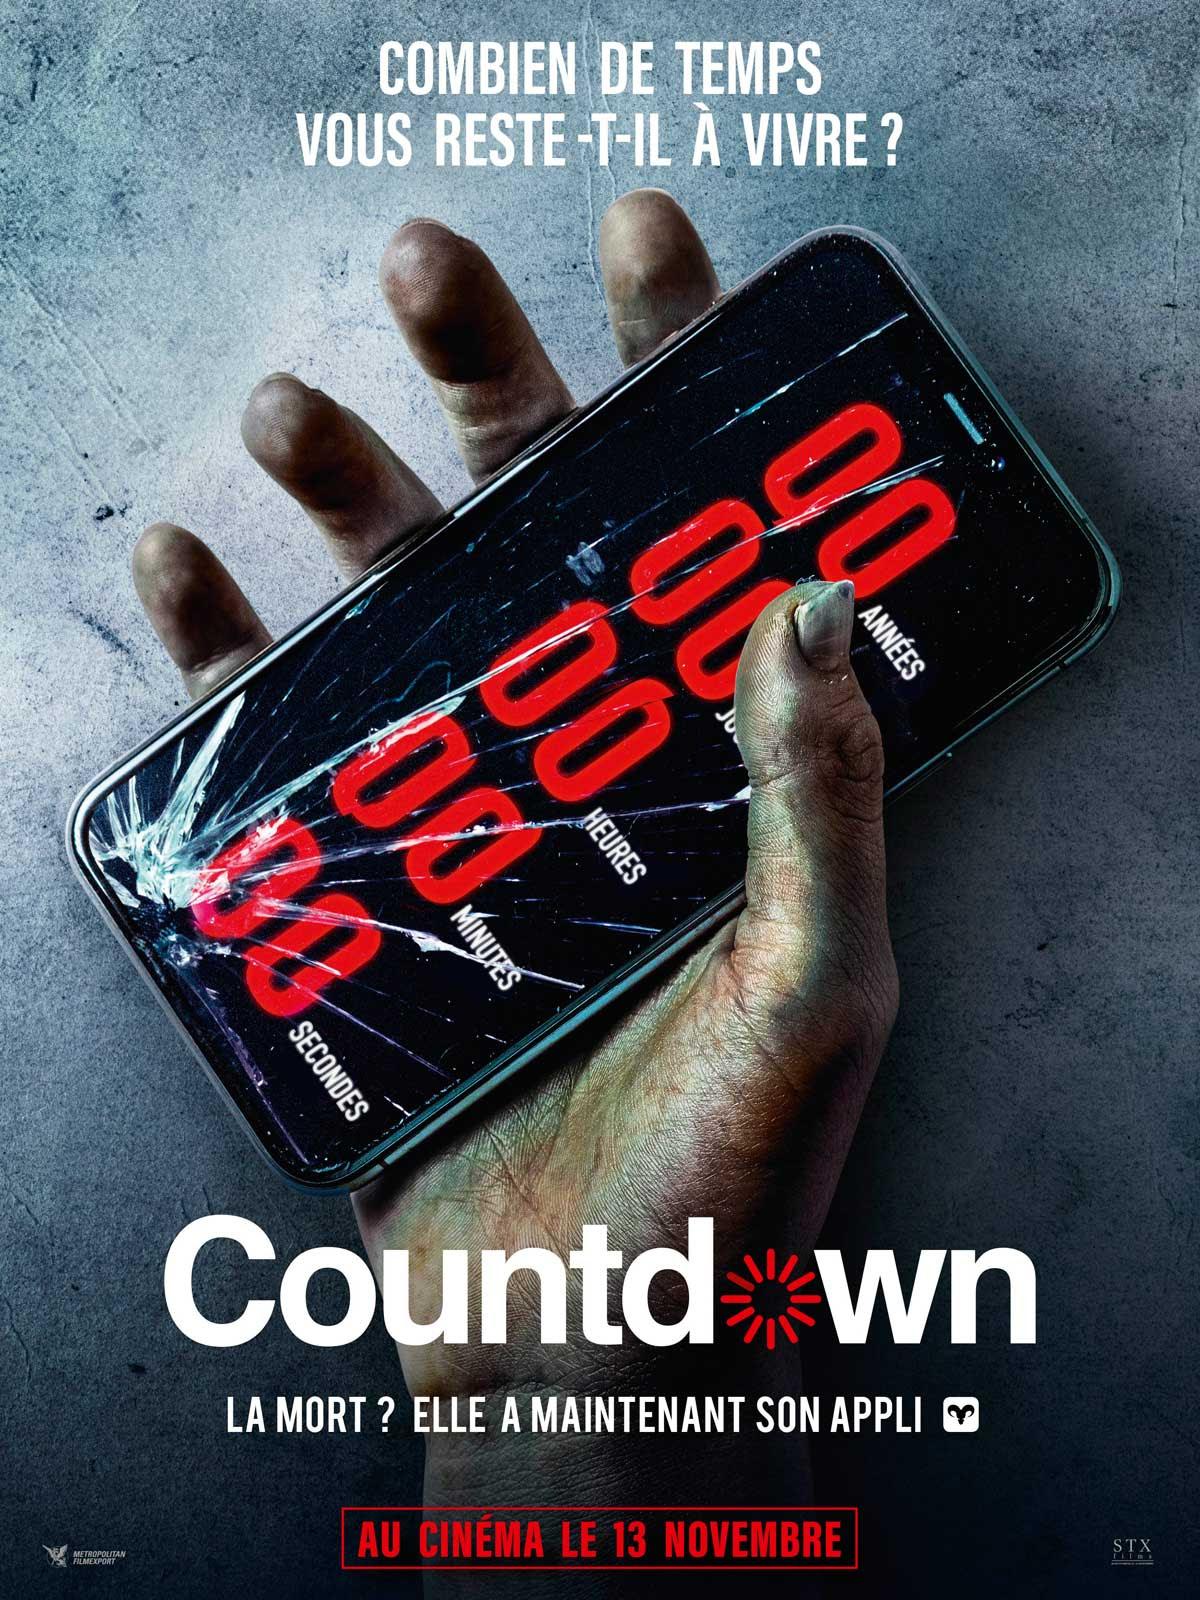 Countdown Film 2019 Allociné